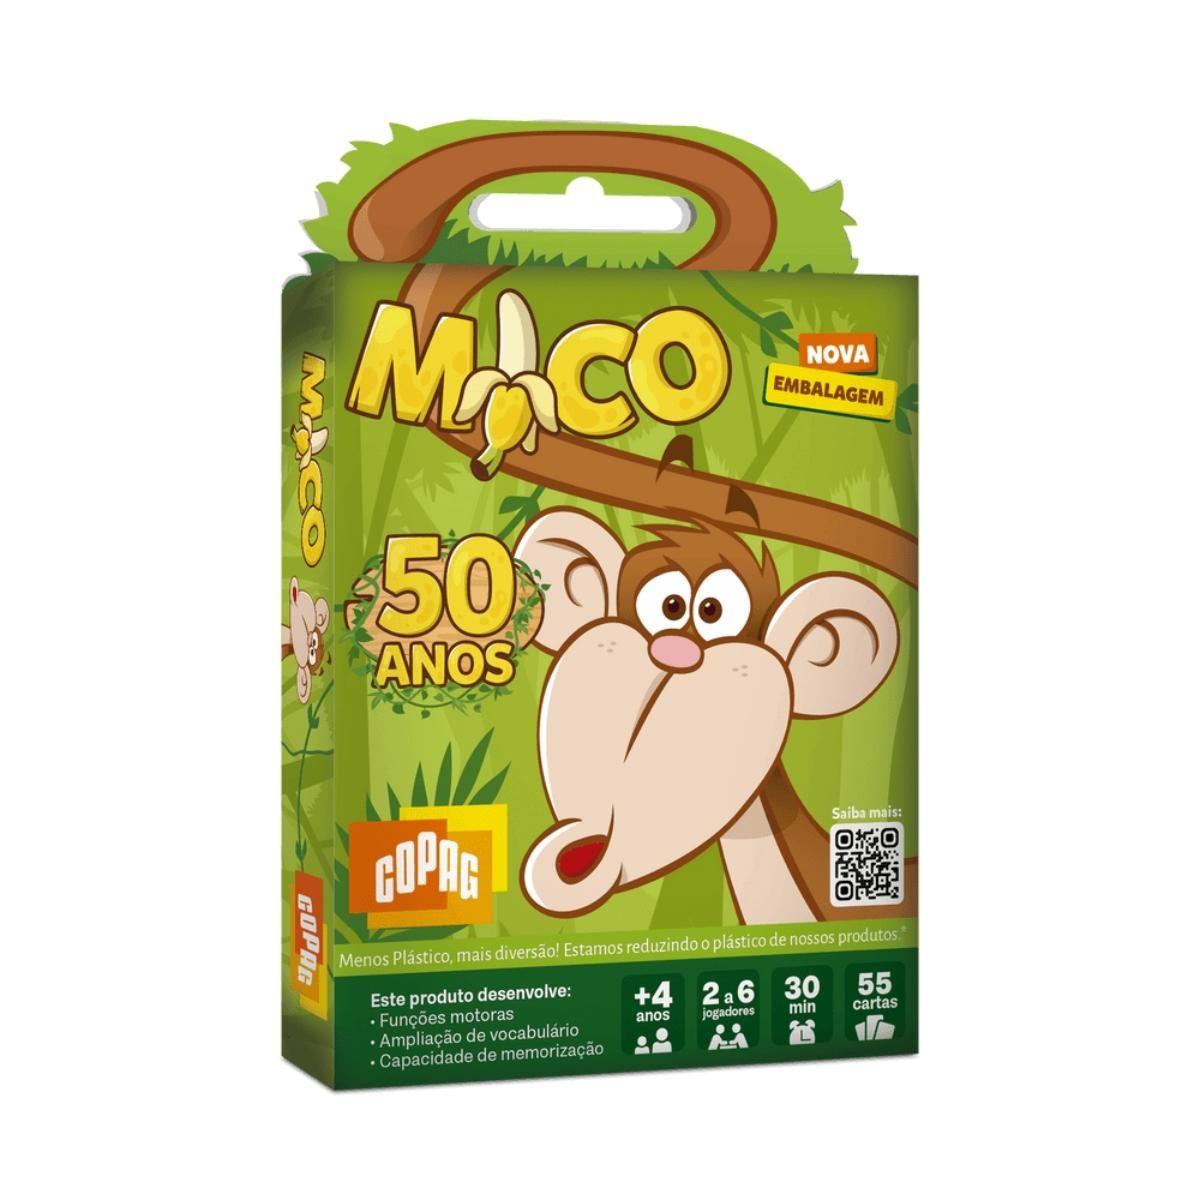 Jogo de Cartas Baralho Mico Original - Copag